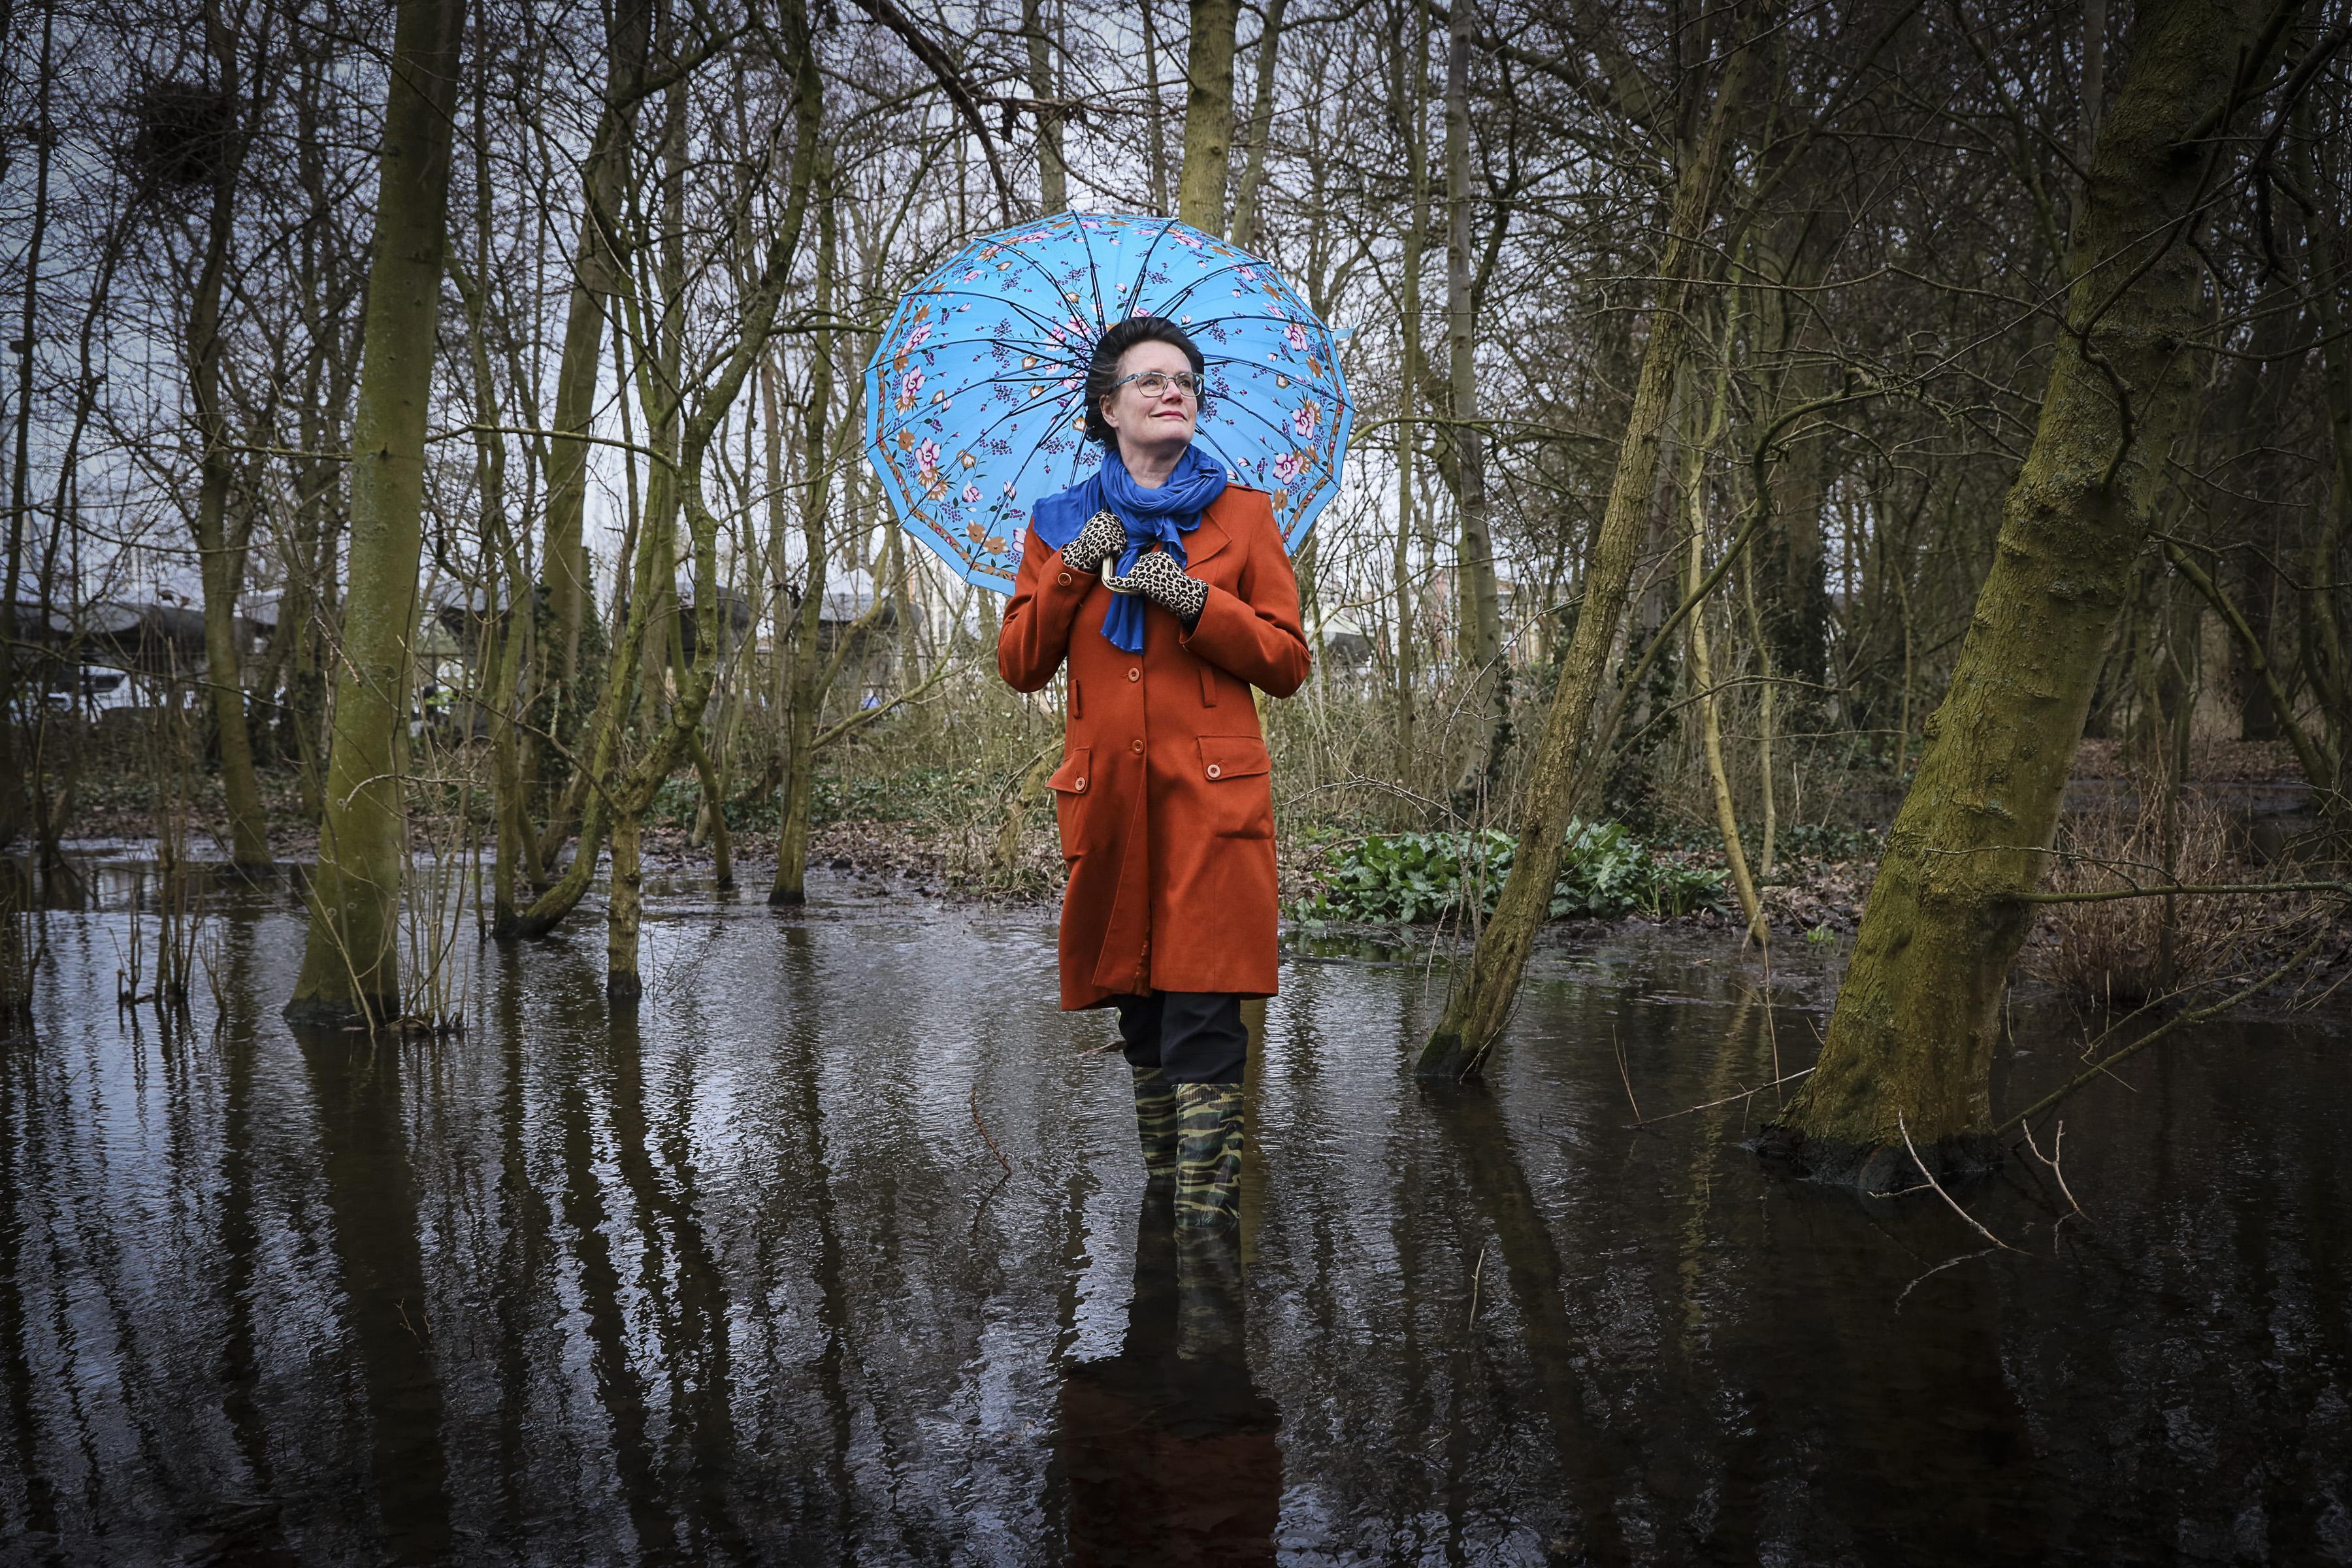 Hoe kunnen we omgaan met grote veranderingen in het weer? Bezoek het 'Klimaatcircus'in West-Friesland